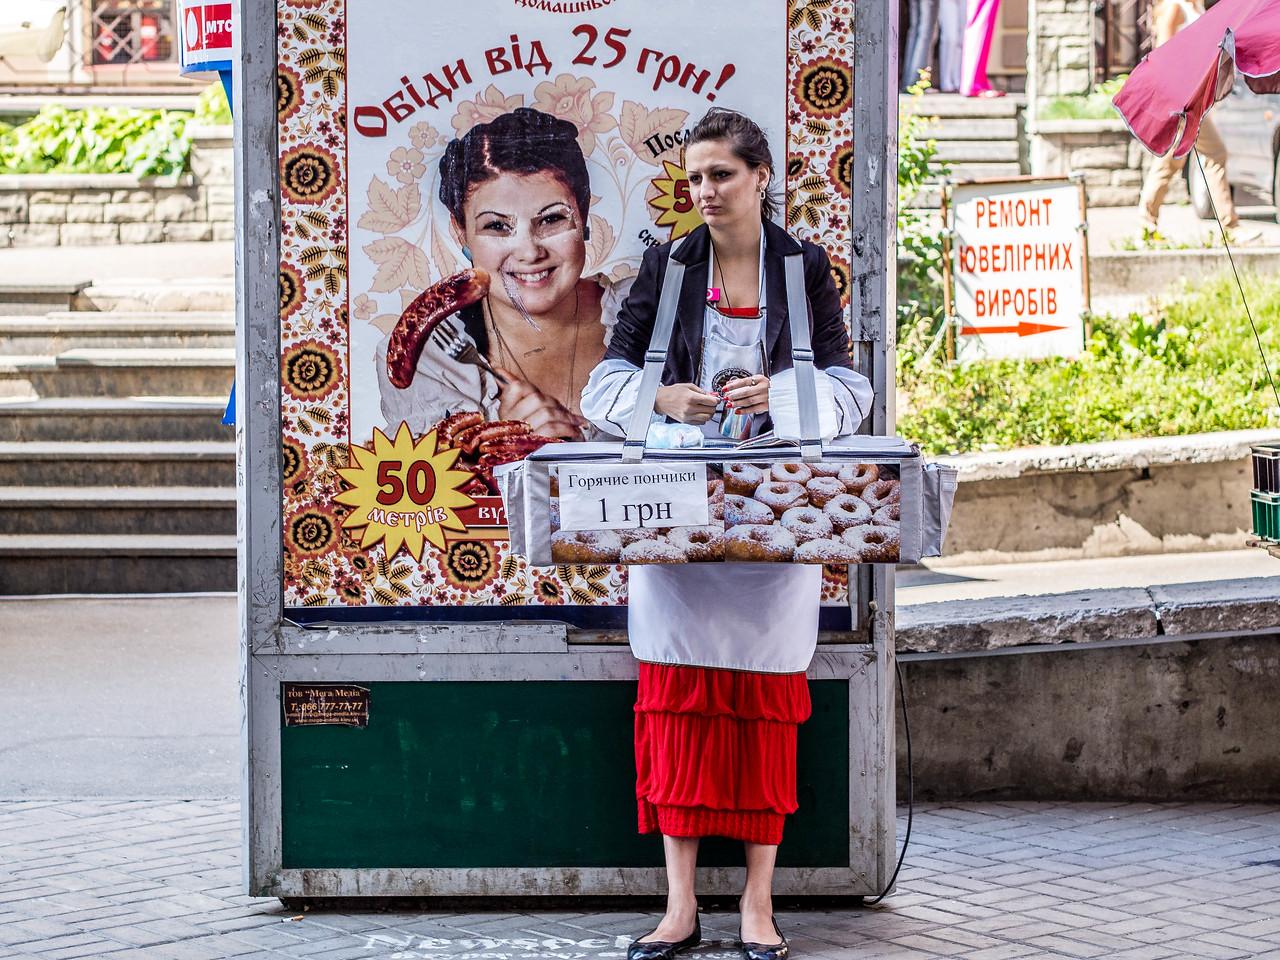 Kyiv's fast food